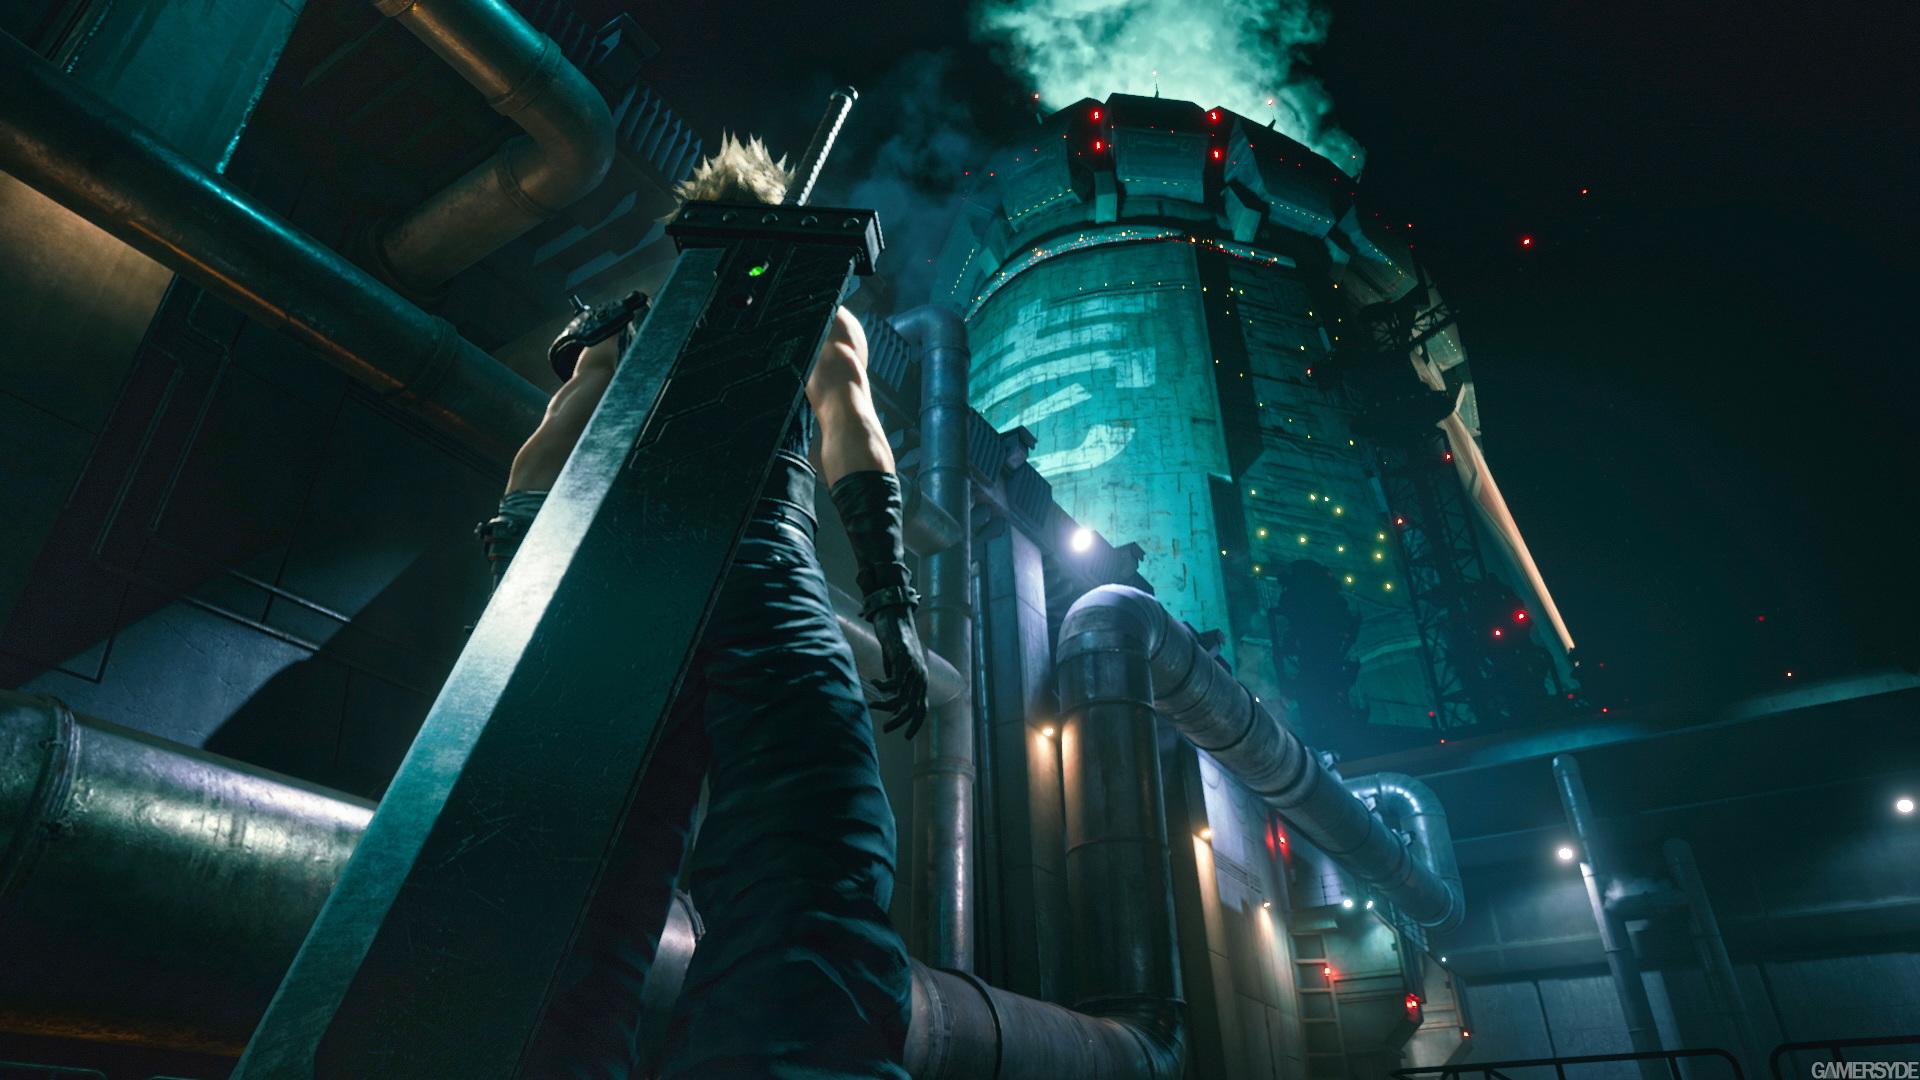 Final Fantasy Vii Remake Hd Wallpaper Background Image